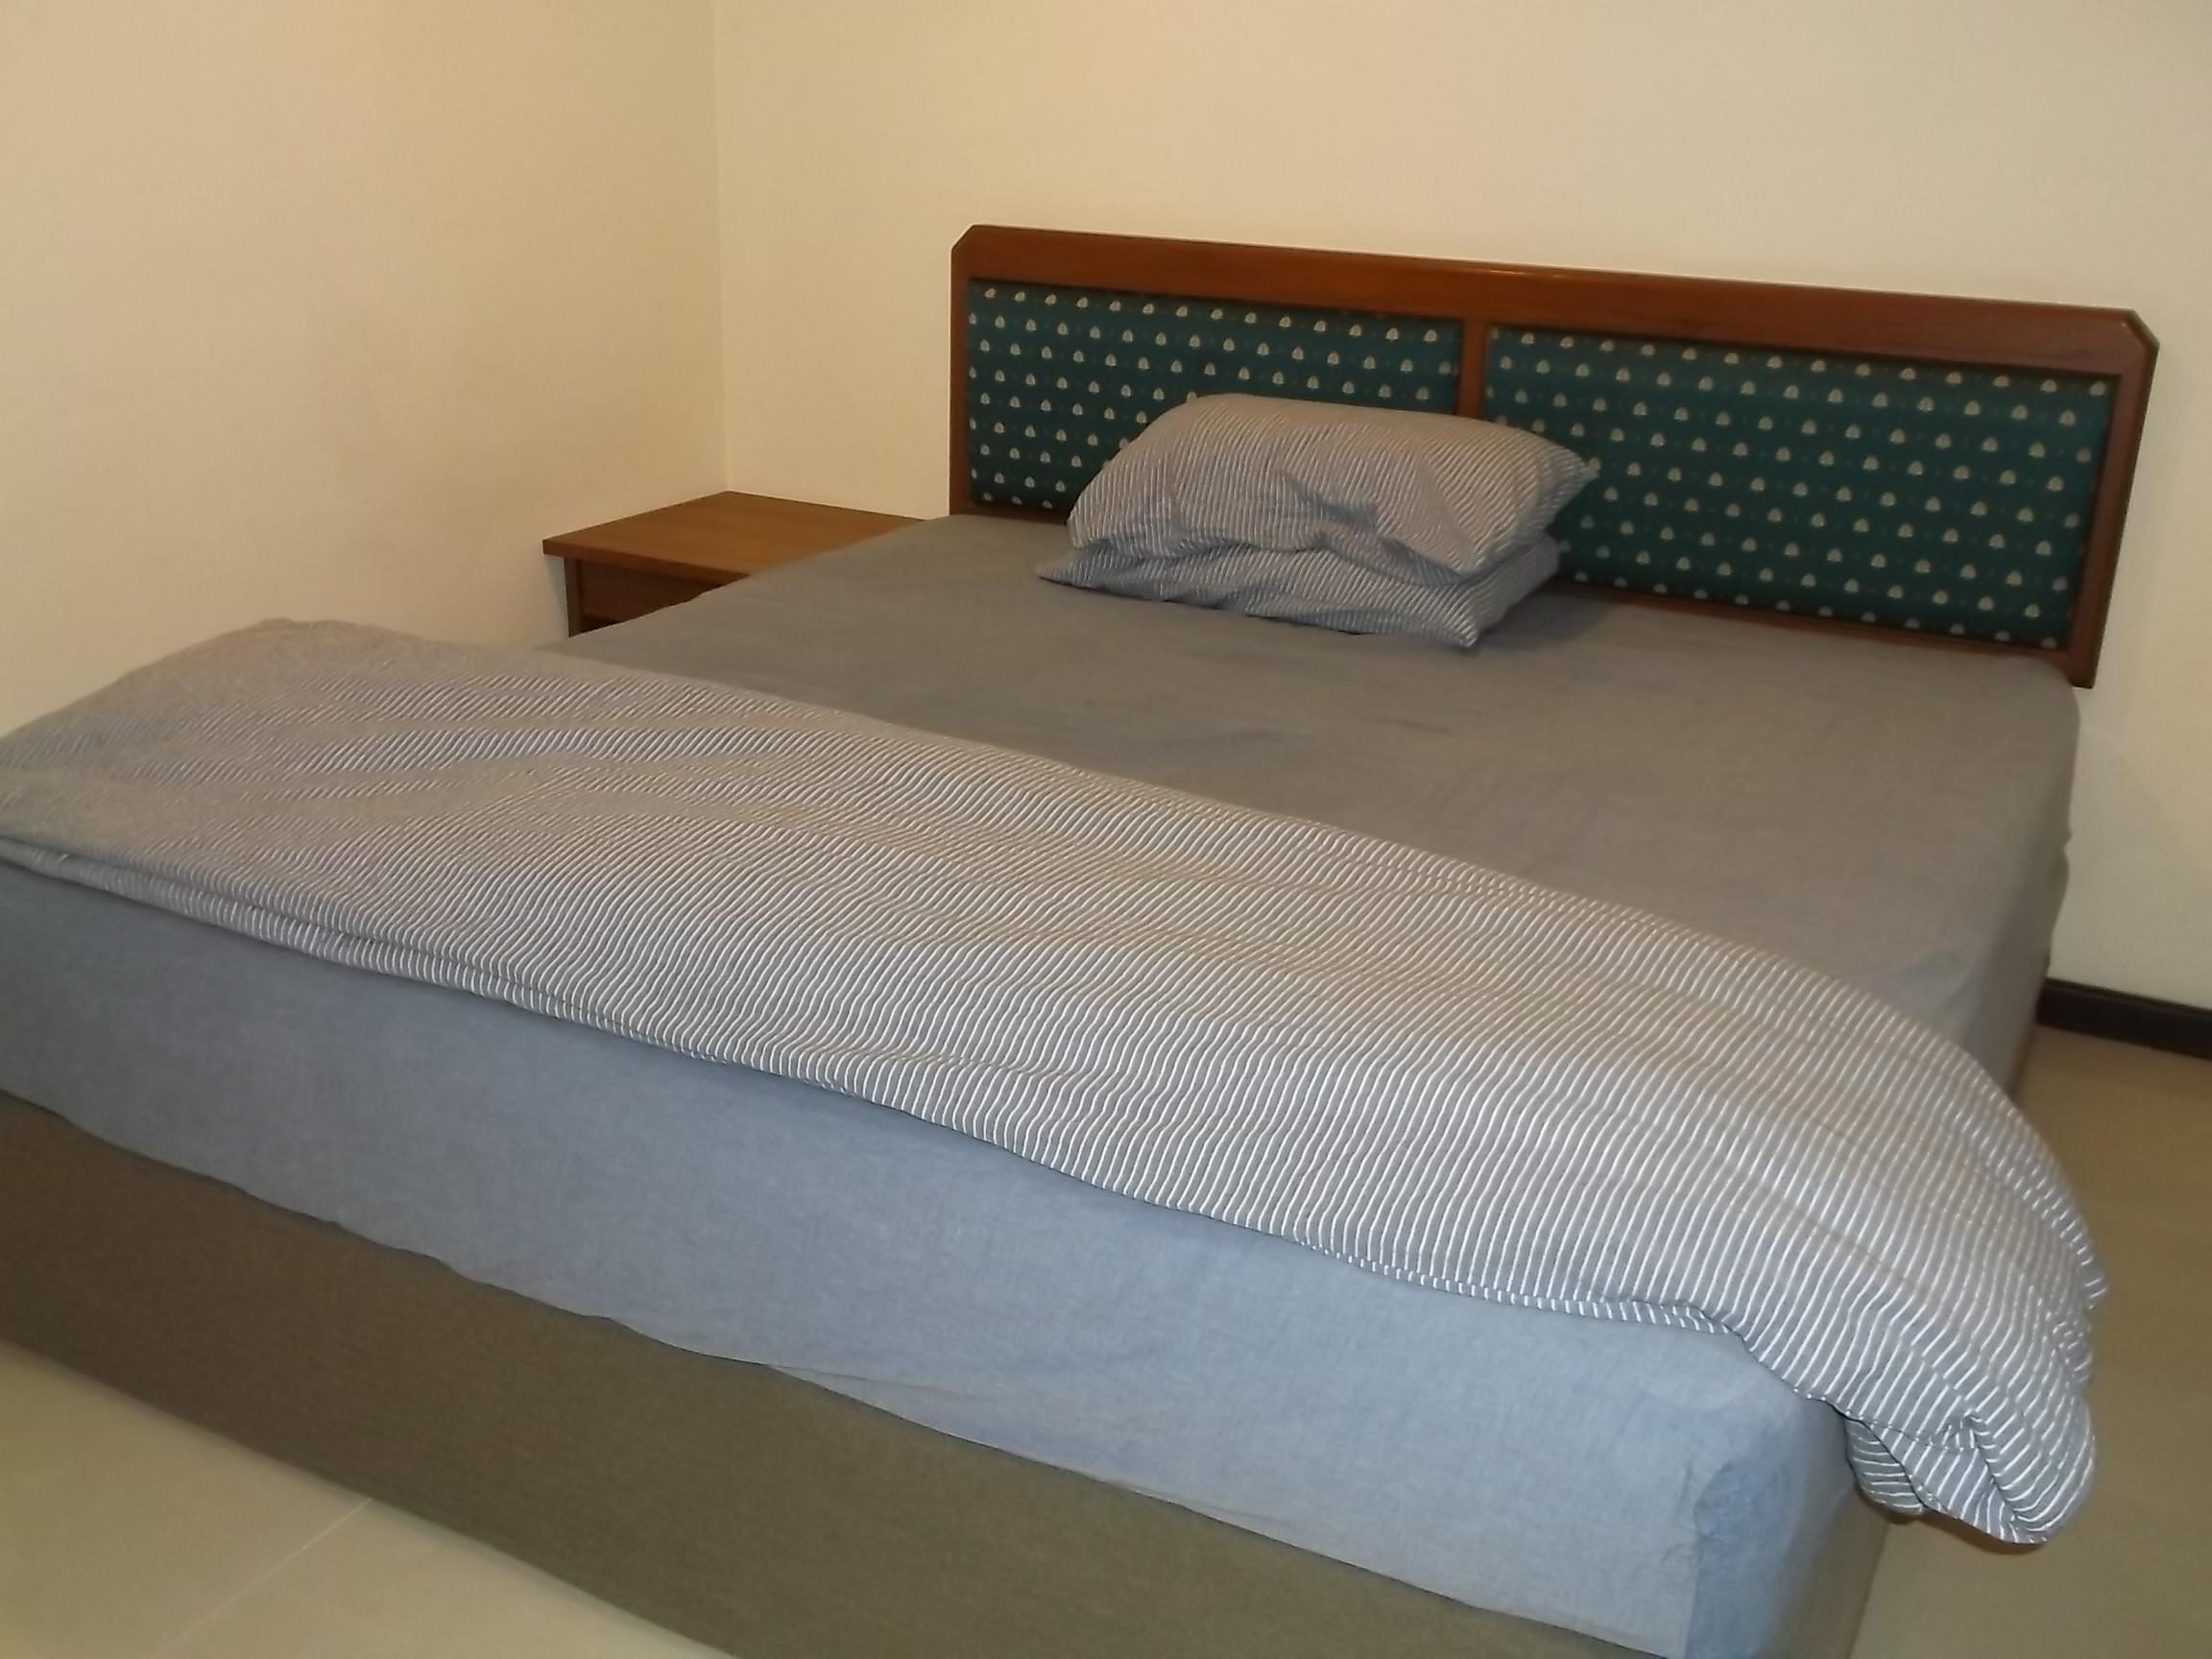 ベッドのシーツ類や掛け布団をどこで手に入れるか?